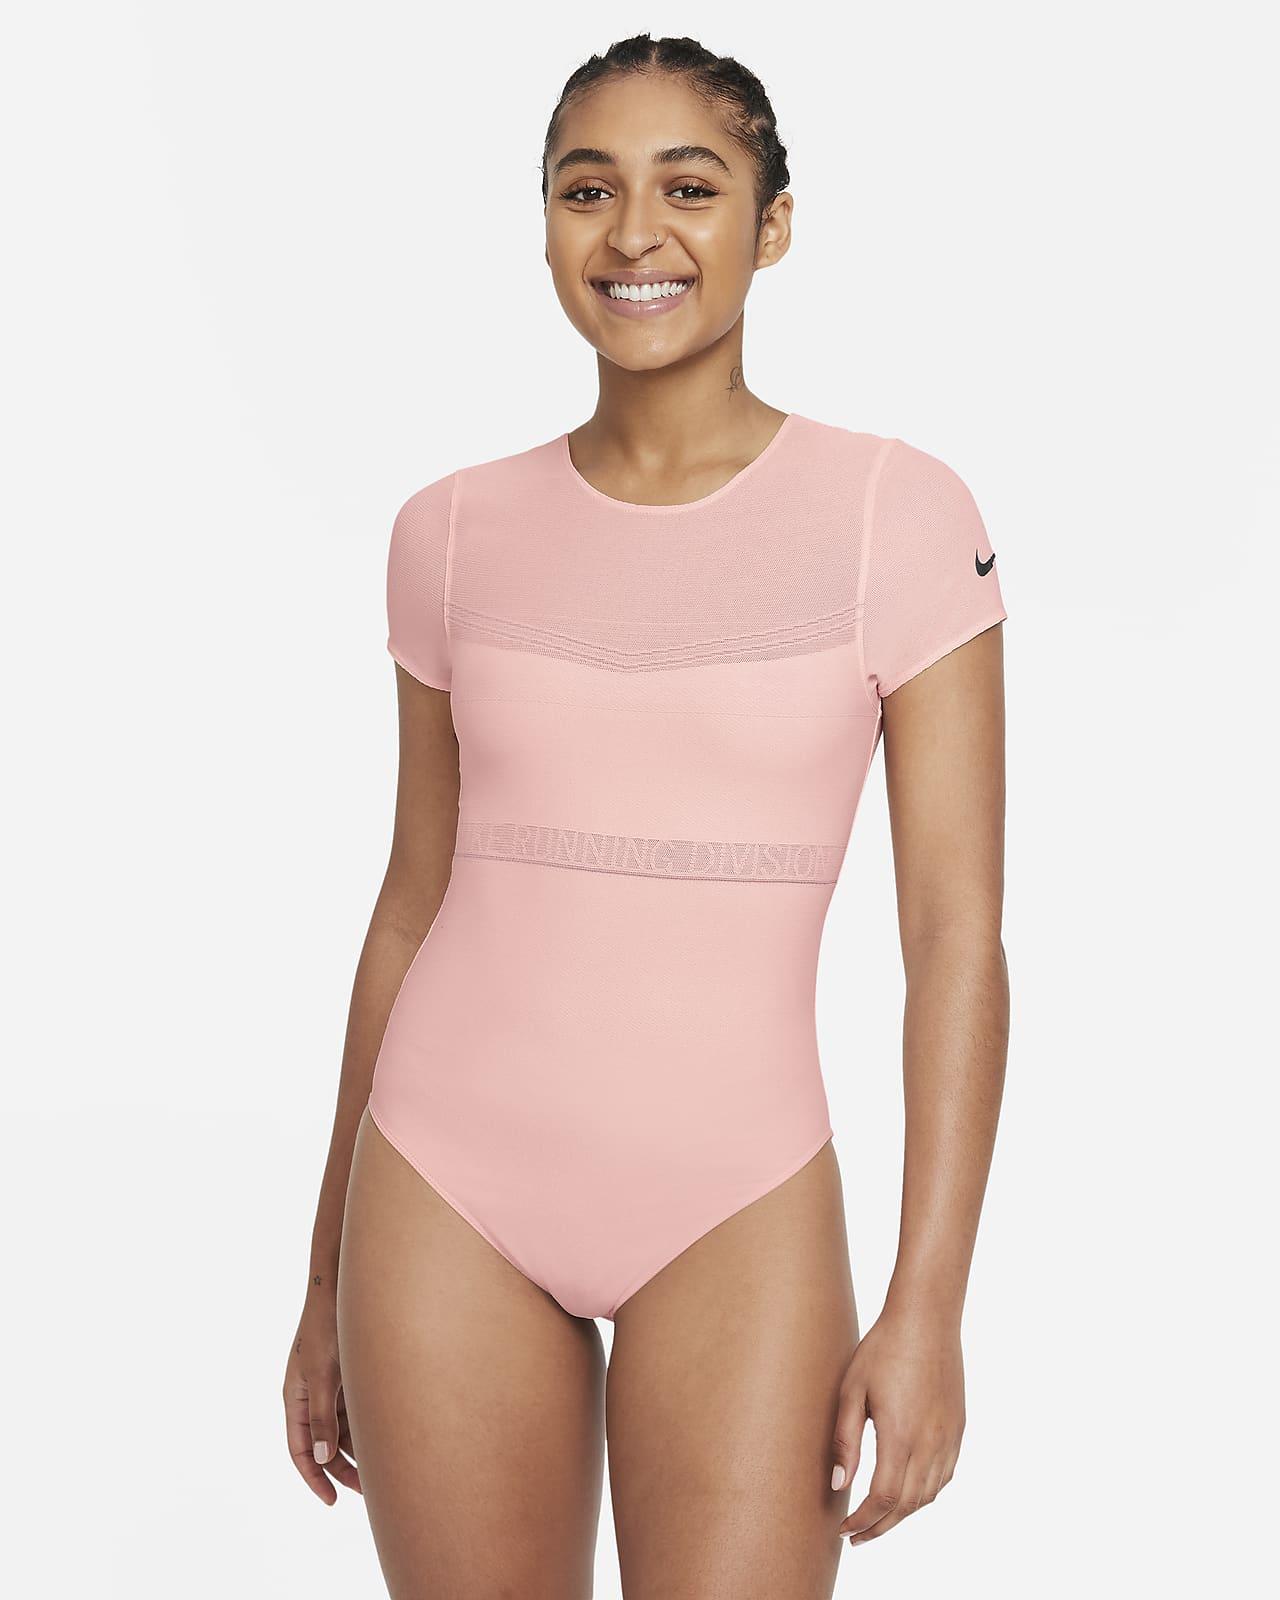 Nike Dri-FIT ADV Run Division Women's Engineered Running Bodysuit